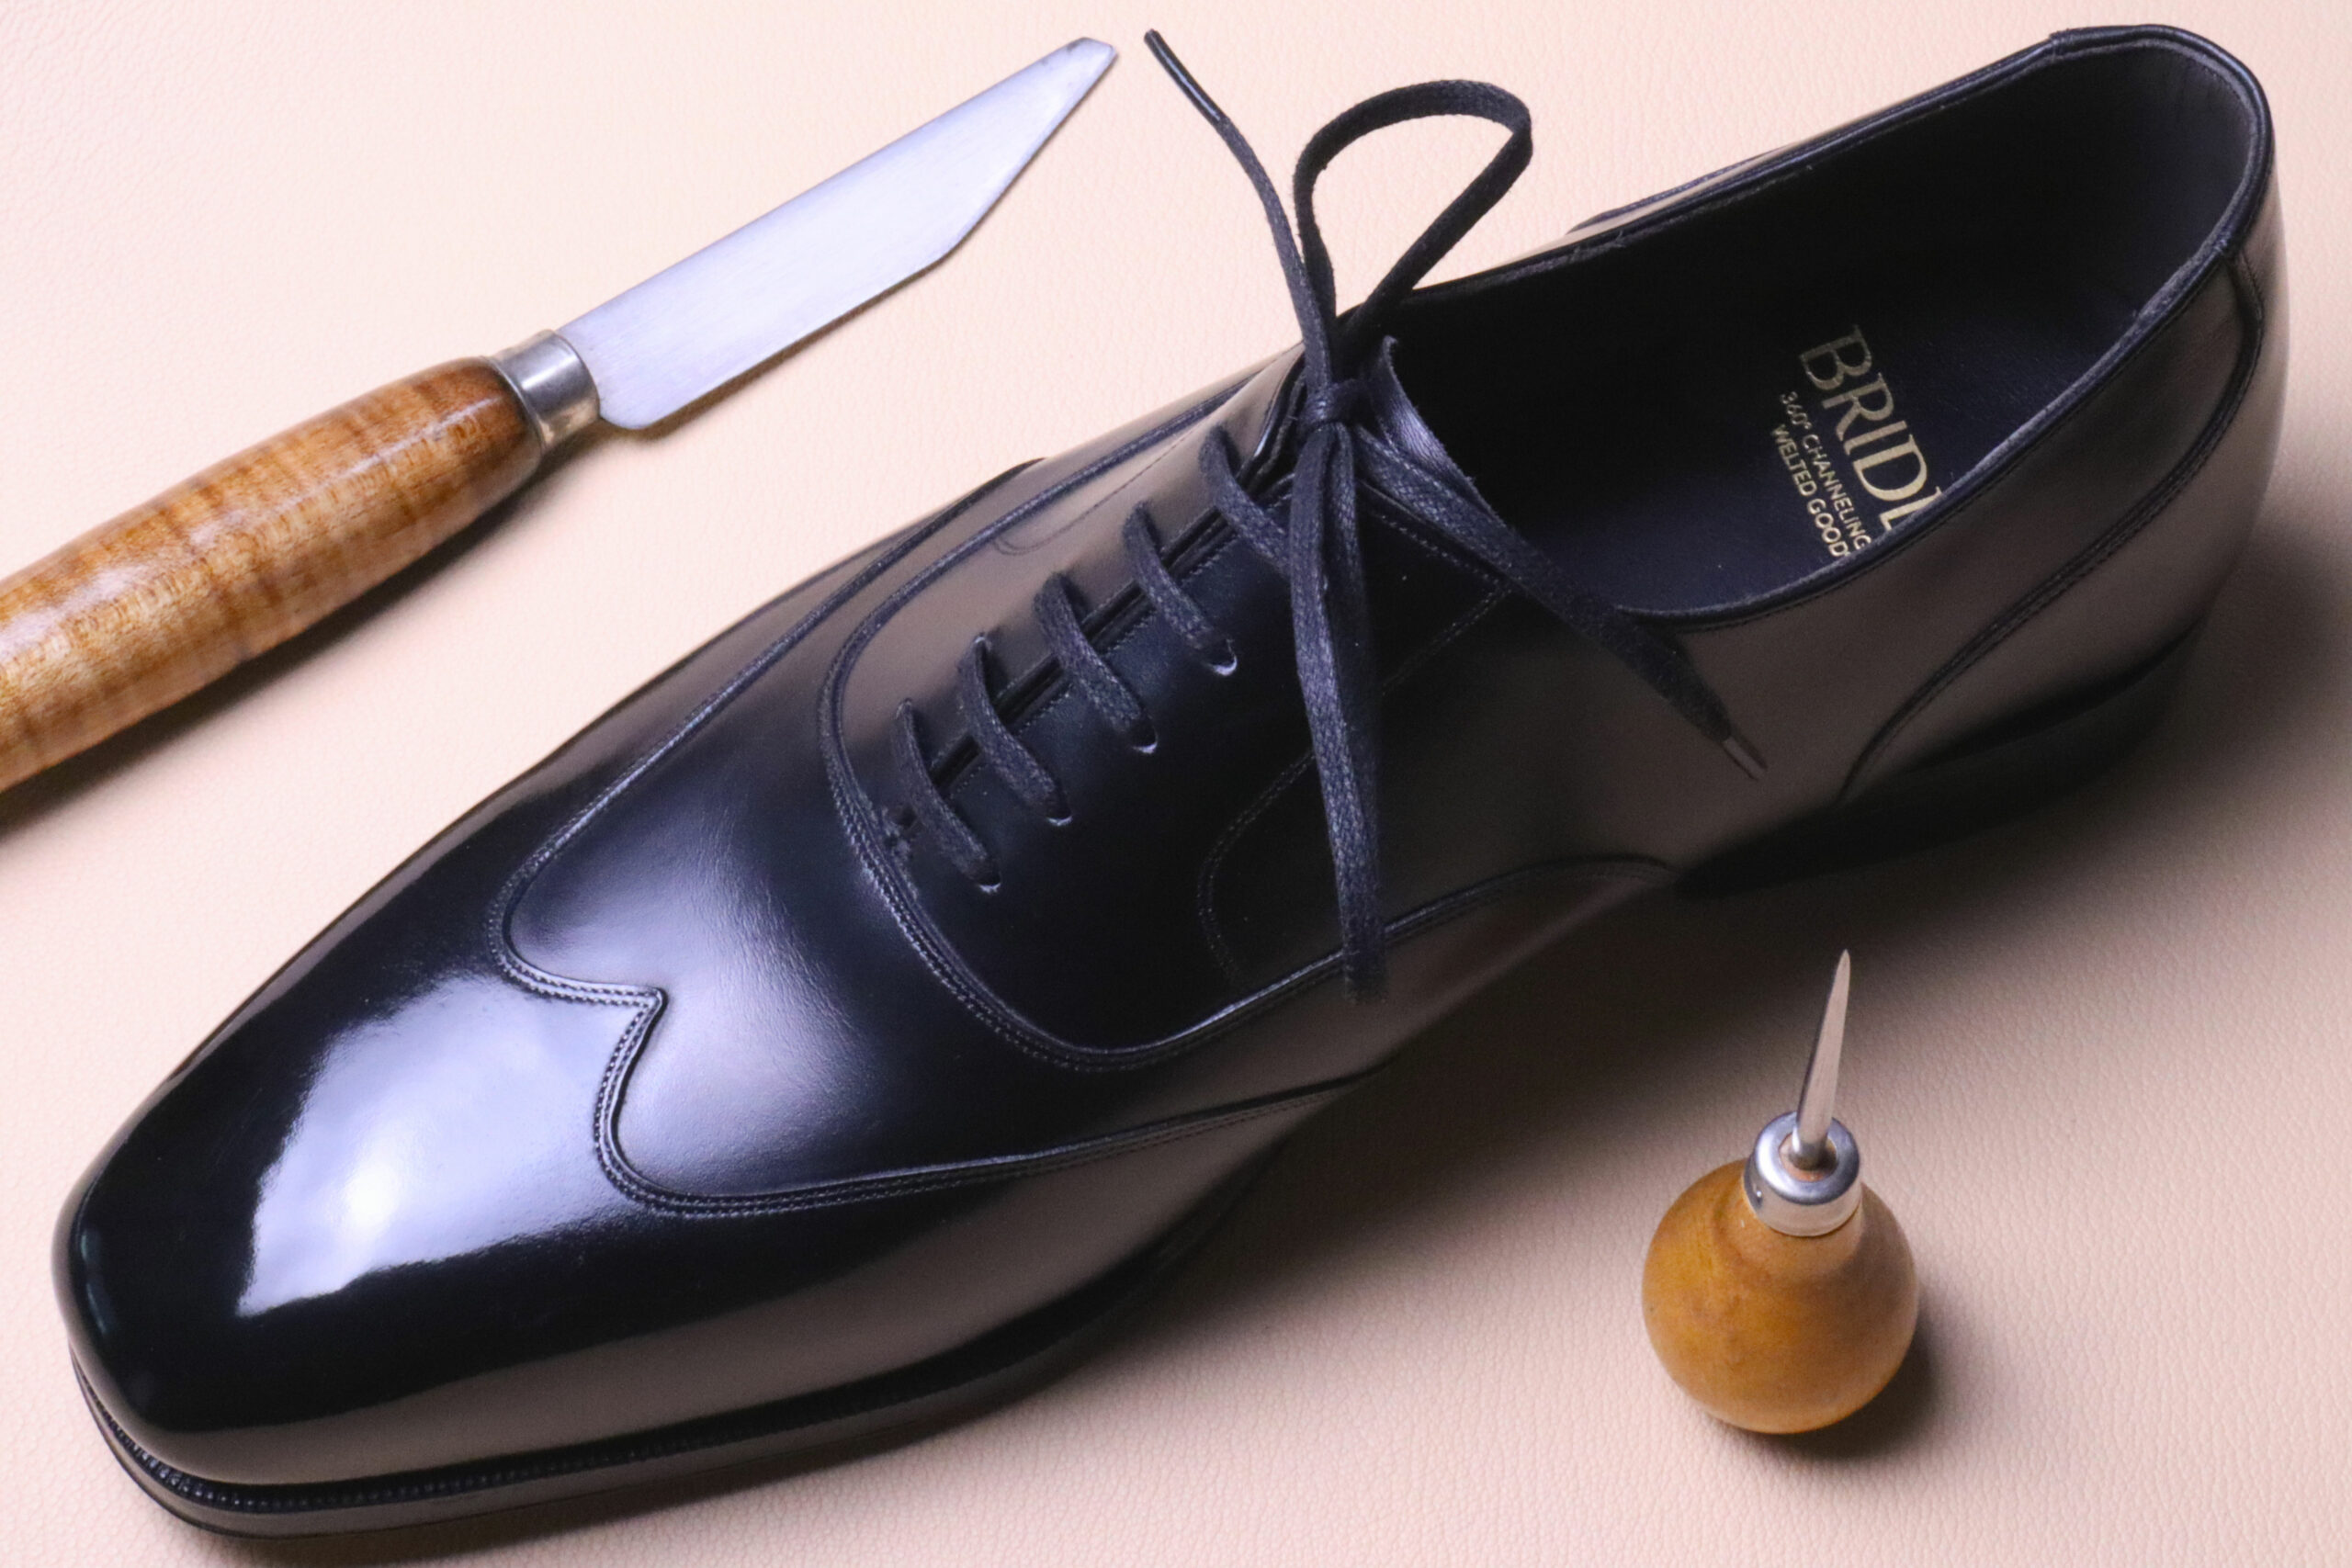 Le cuir de cette paire est propre et comporte très peu de défauts. Les coupeurs ont bien fait leur travail, on voit par exemple une zone qui frisote au niveau du contrefort, un endroit peu visible. (Source: Sartorialisme)